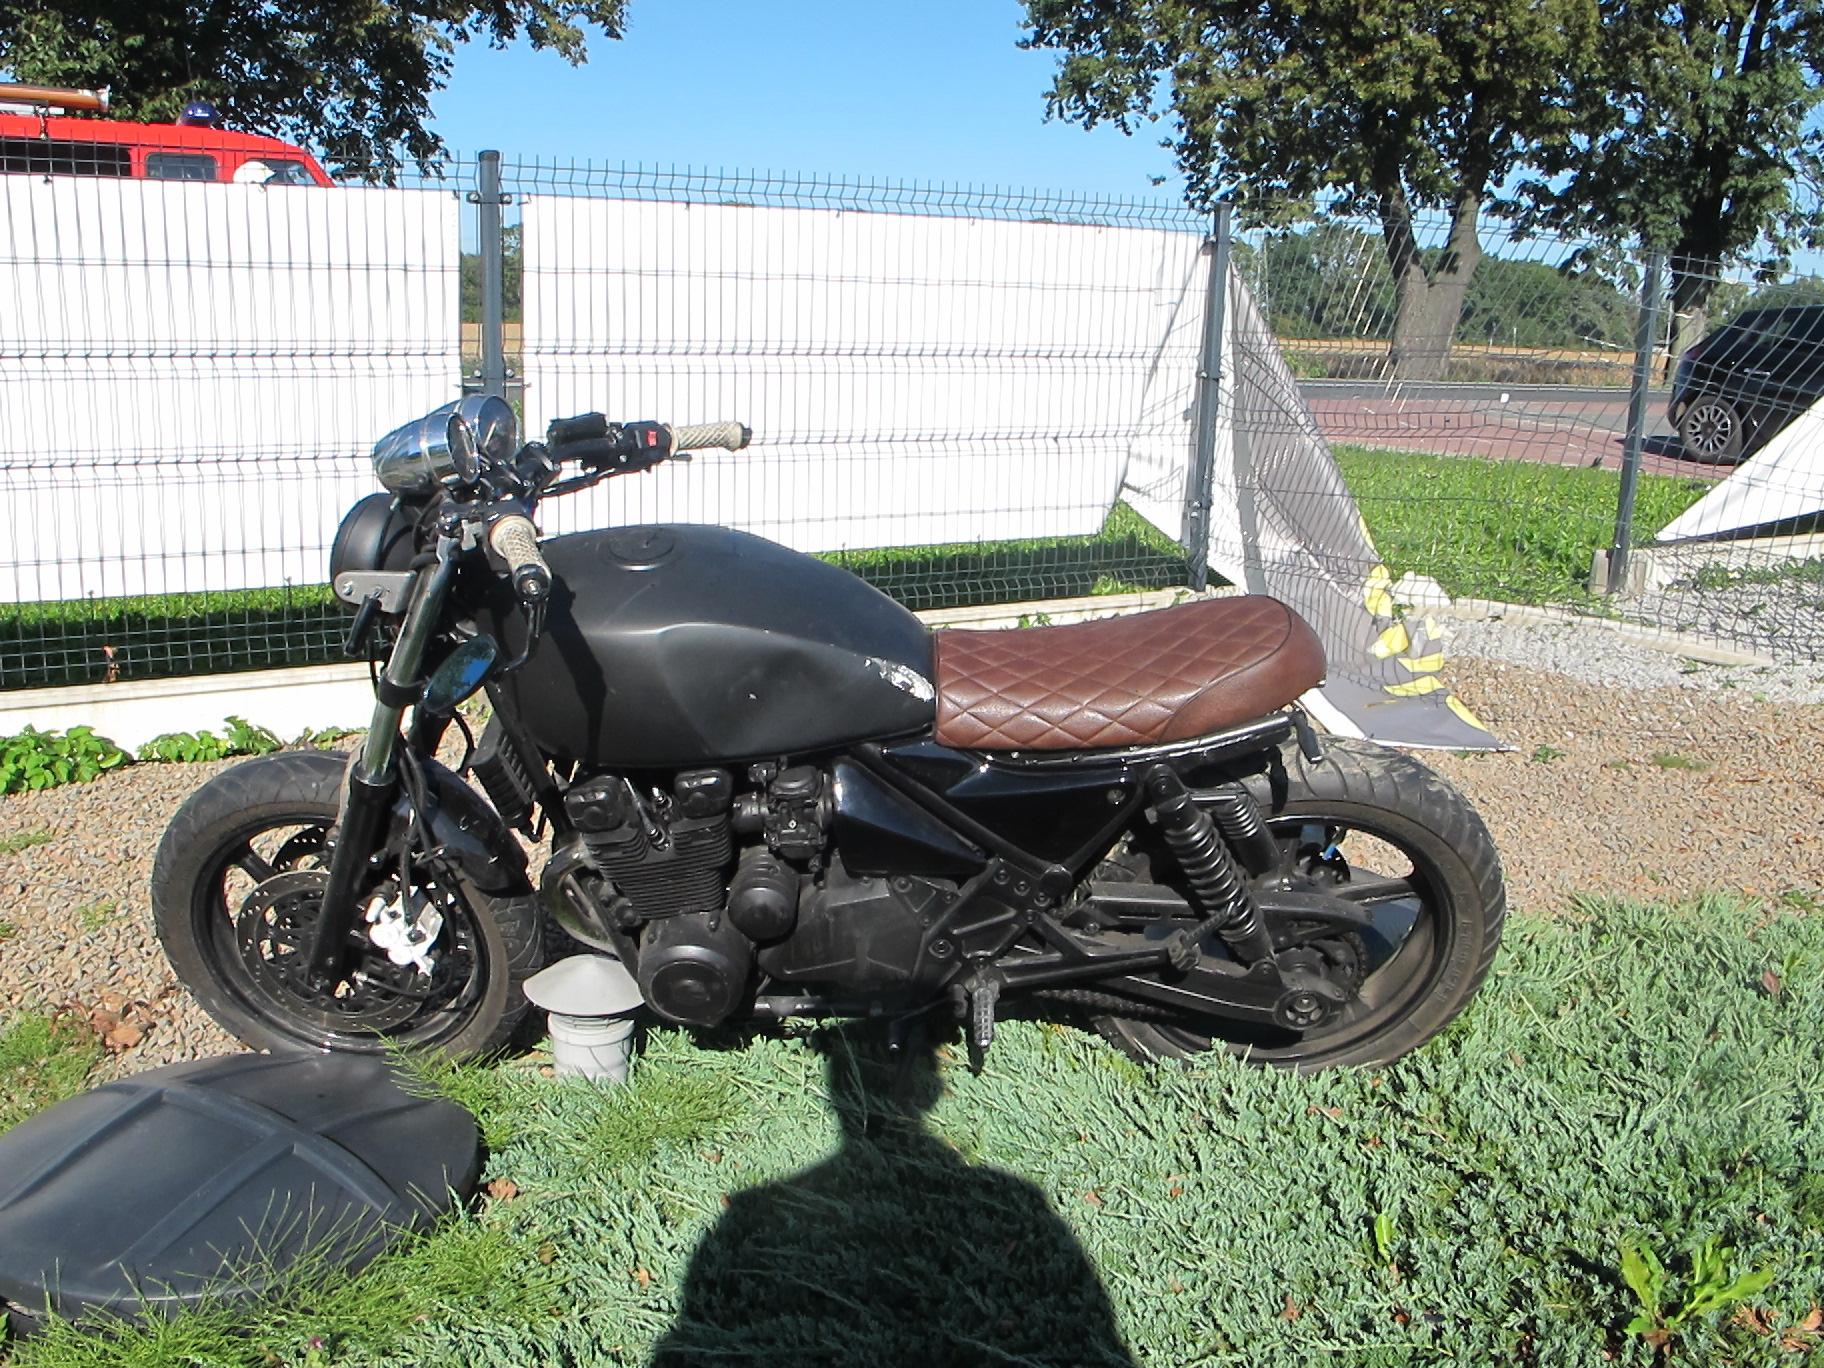 Kolizja z motocyklem podczas wyprzedzania